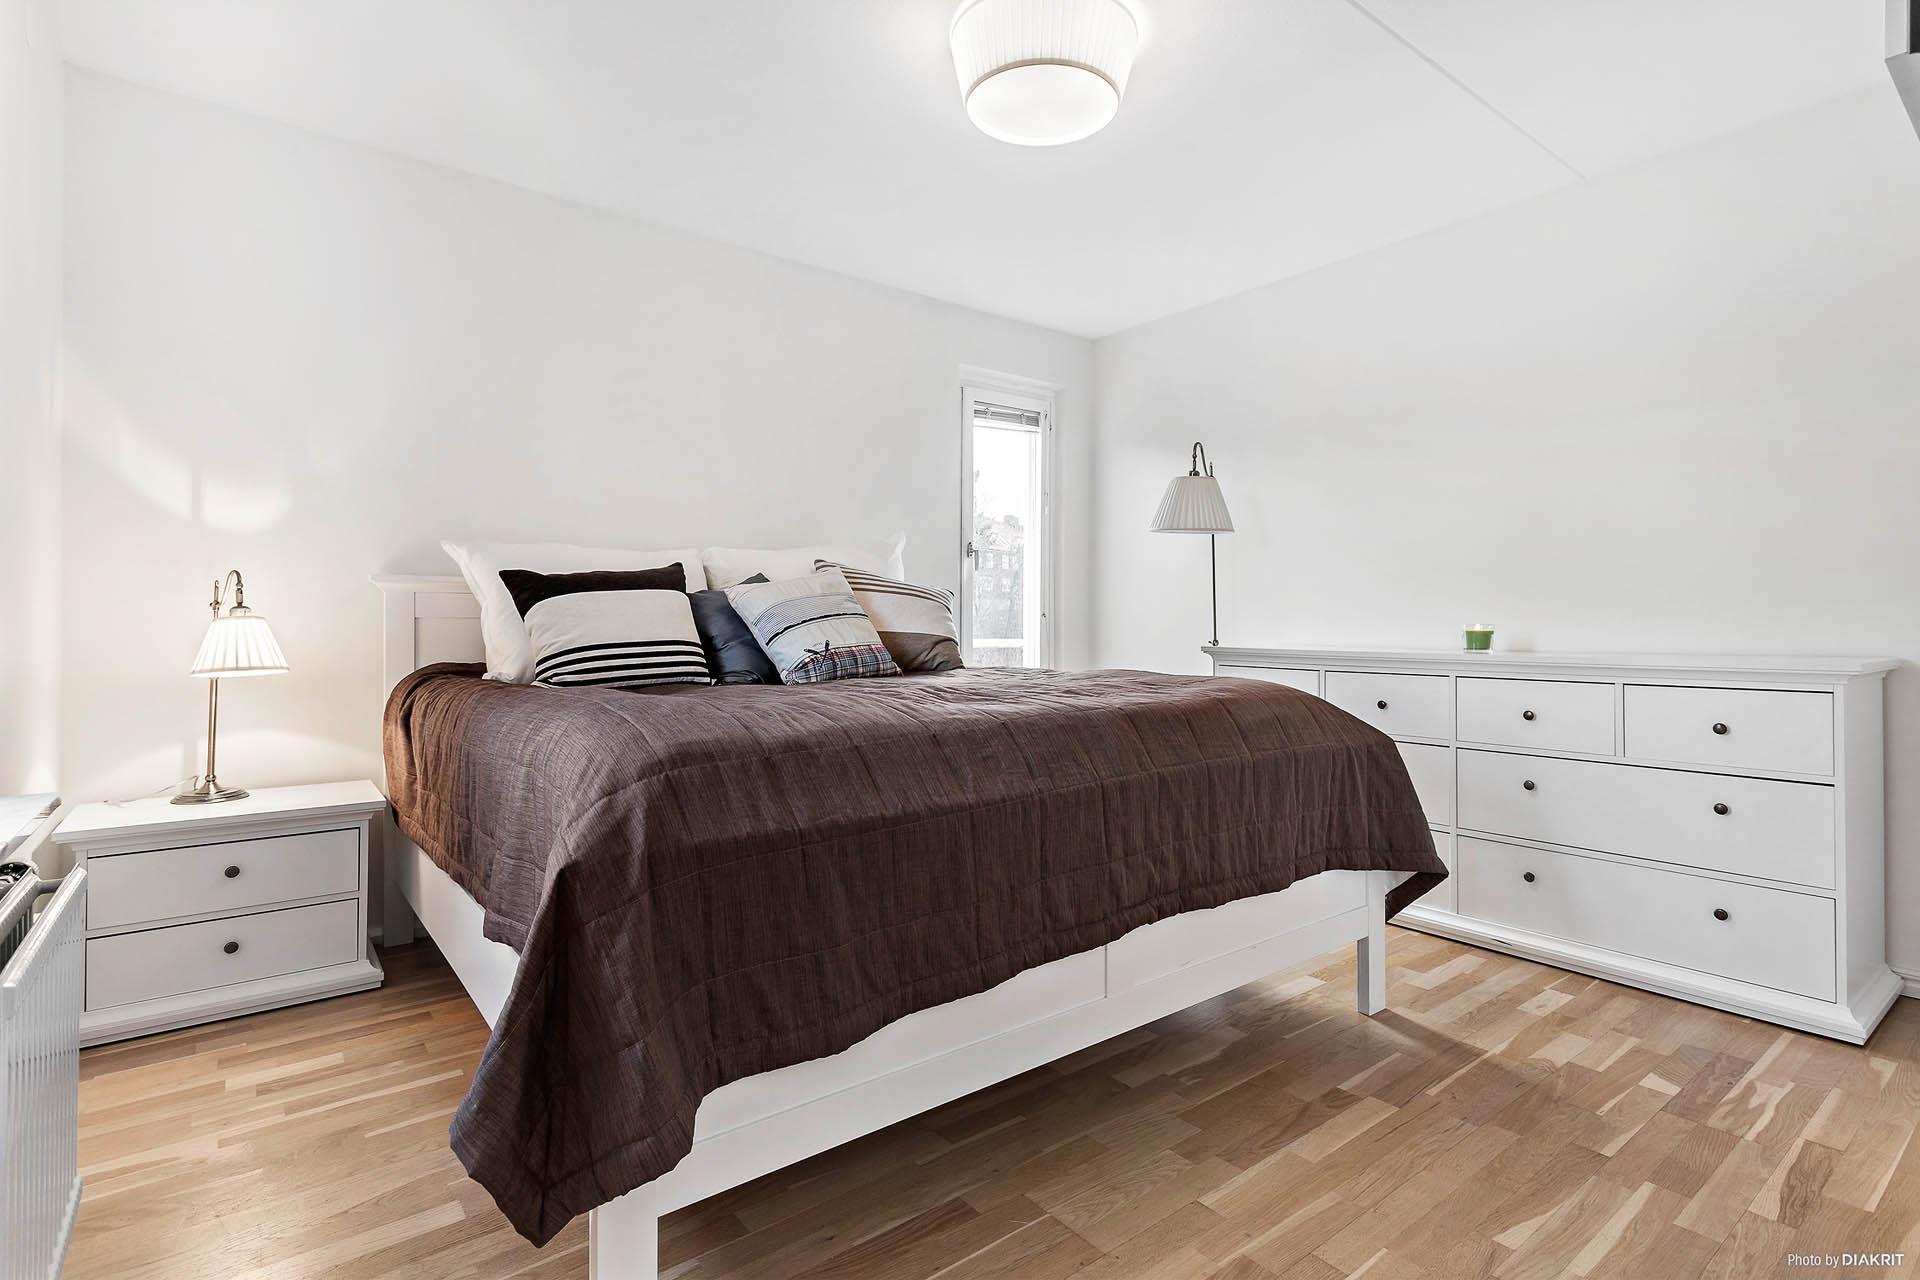 Stora sovrummet med fönster åt 2 väderstreck